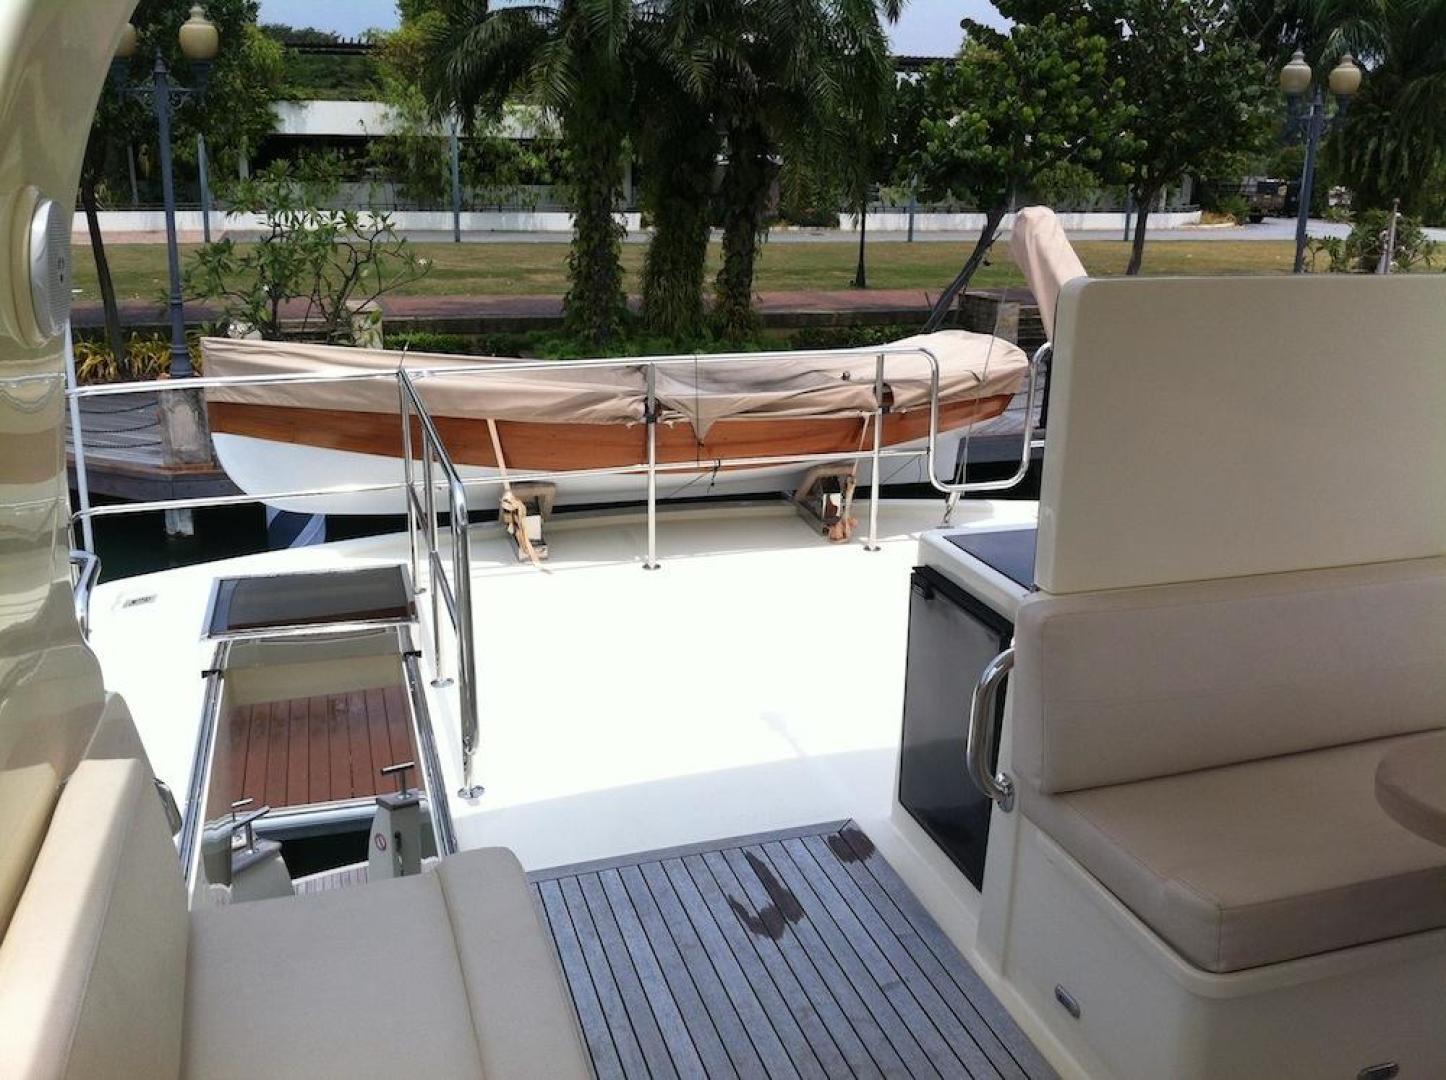 Clipper Motor Yachts-Cordova 52 2011 -Unknown-Singapore-Clipper Motor Yachts Cordova 52-385792 | Thumbnail